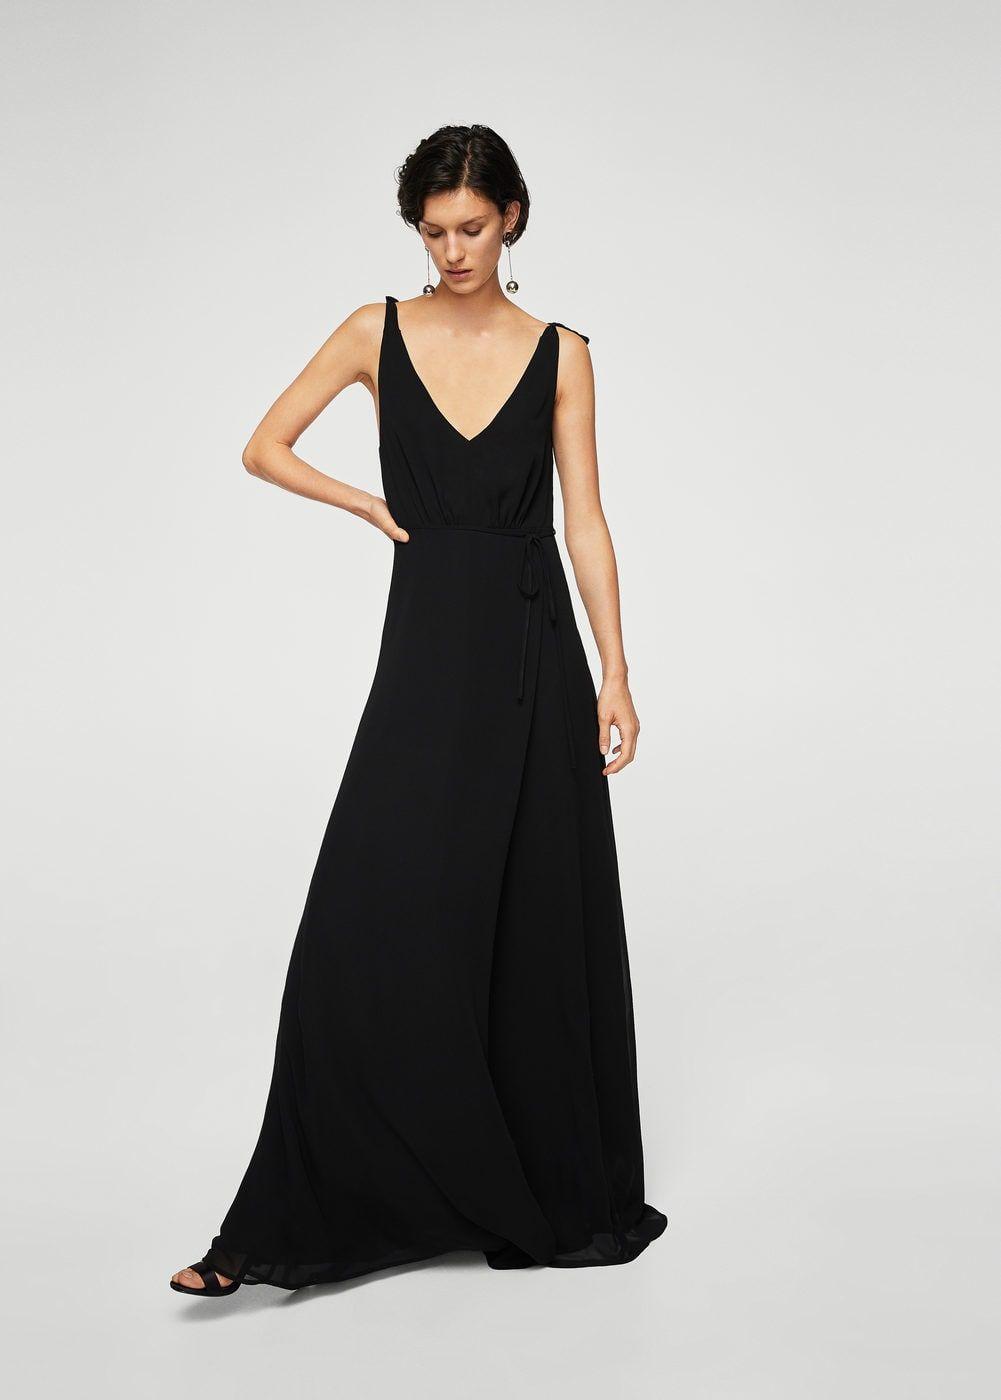 671f66b775bd Enges kleid mit u-ausschnitt hinten - Damen   party fashion ...